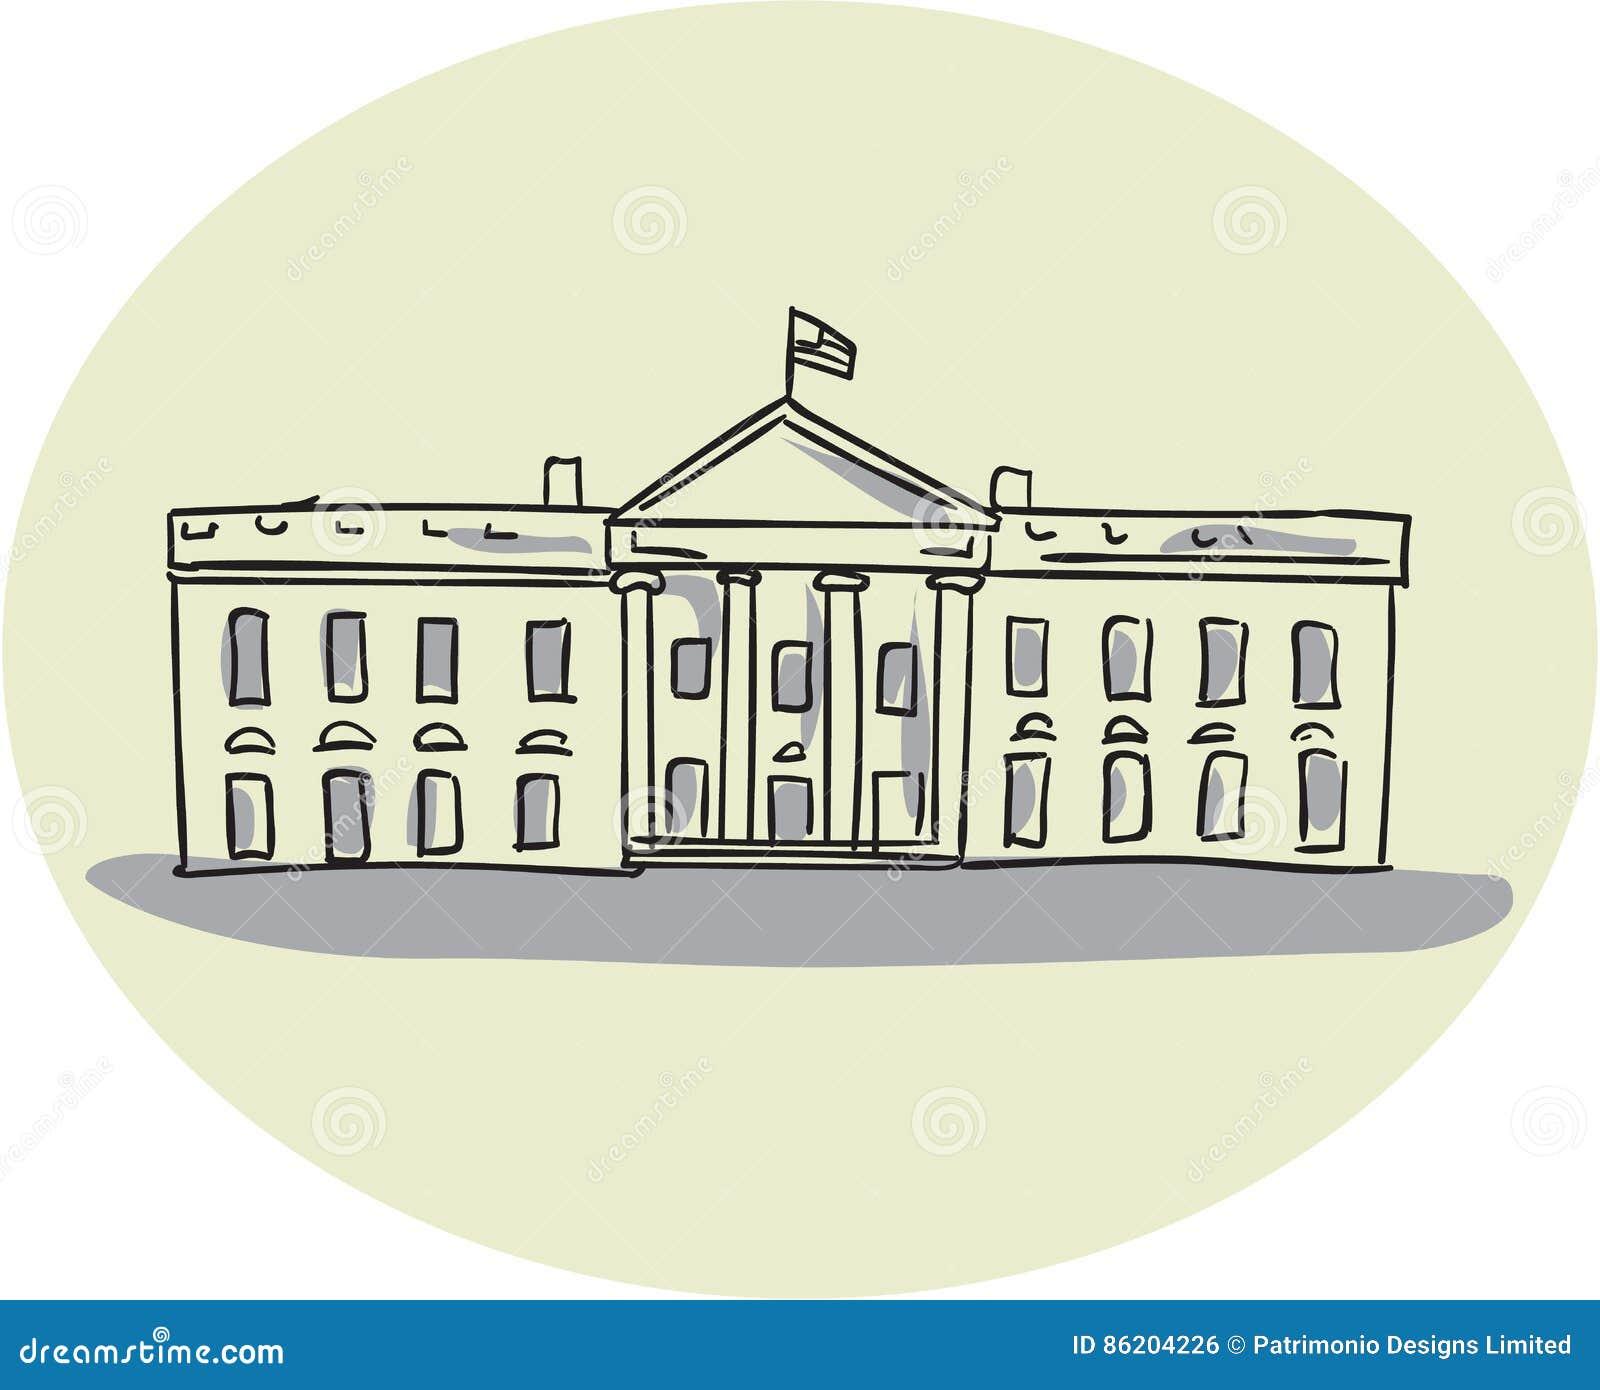 Disegno ovale della costruzione della casa bianca for Disegno della casa